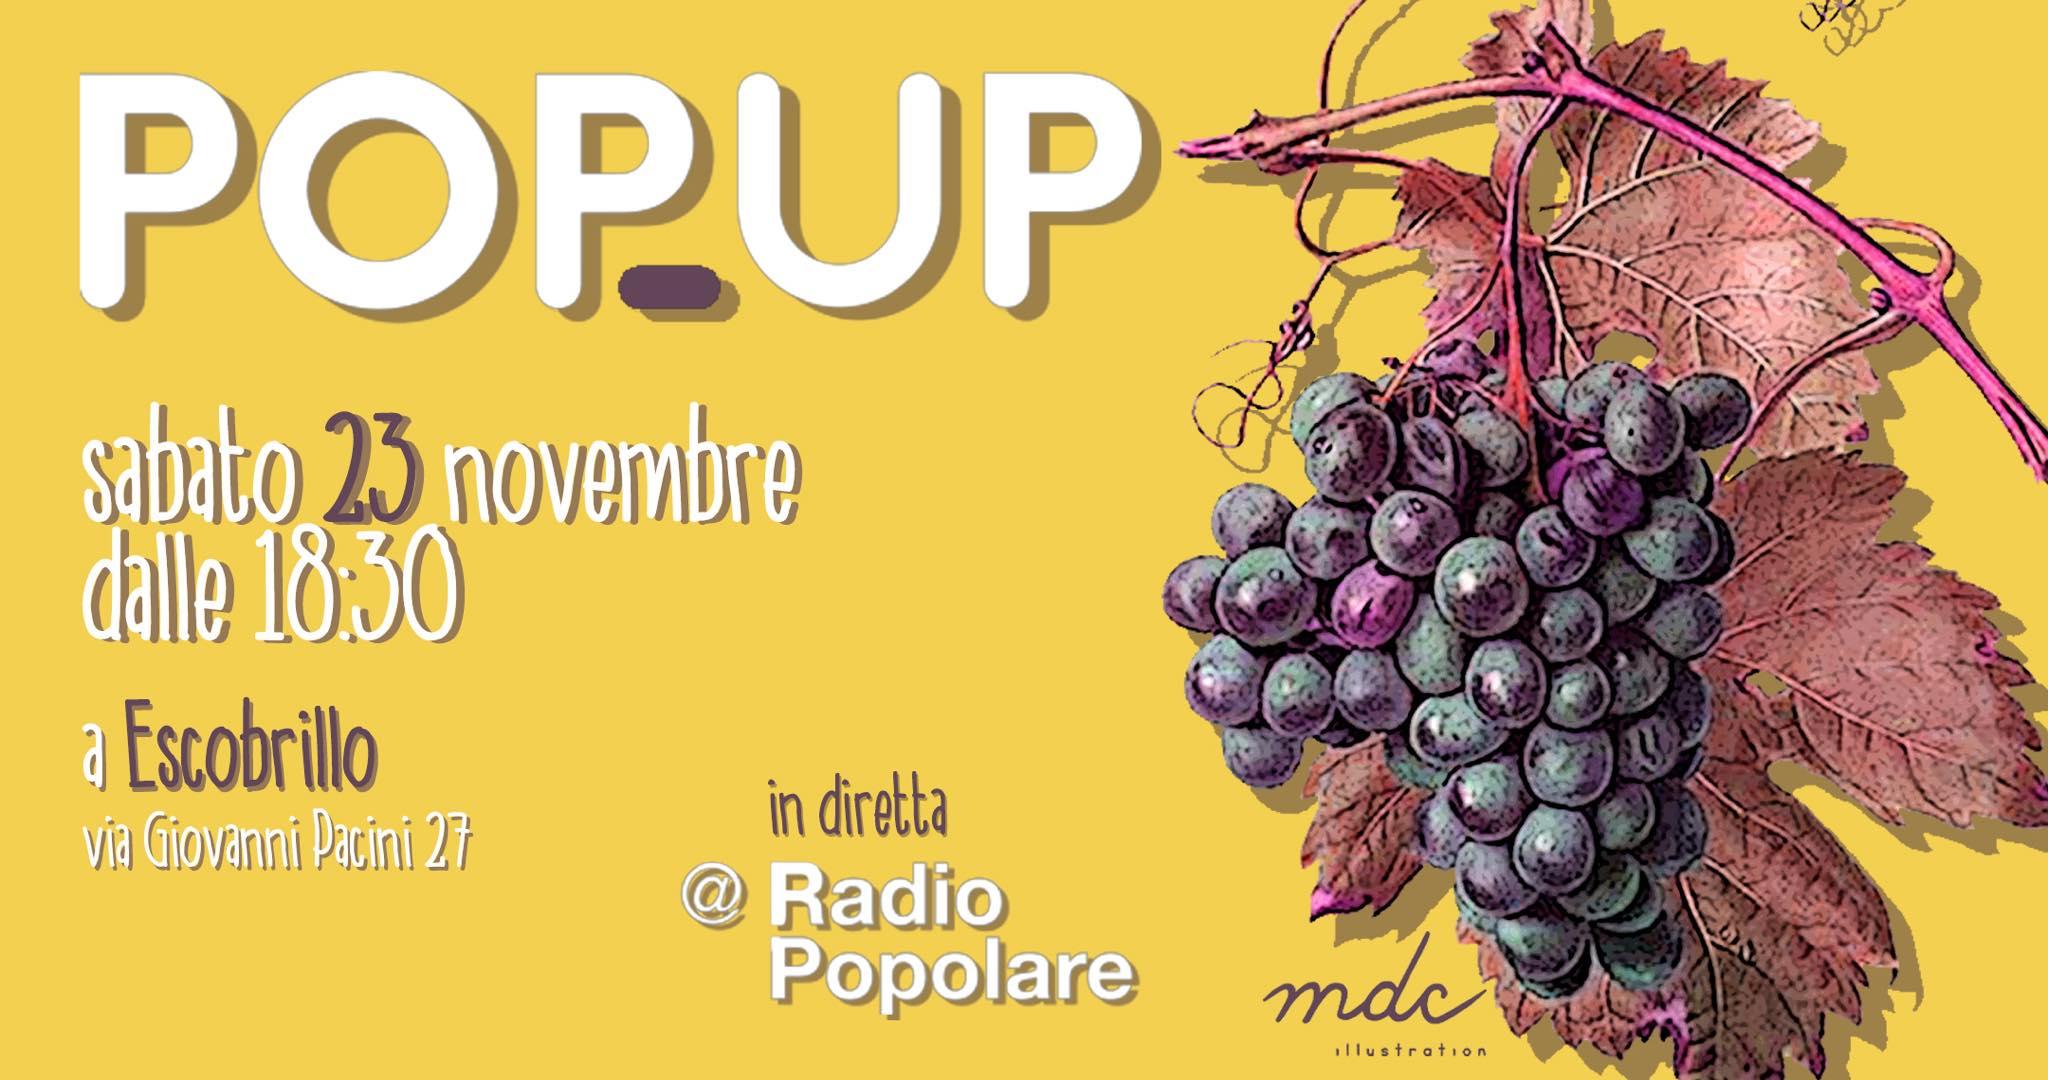 popup 23 novembre